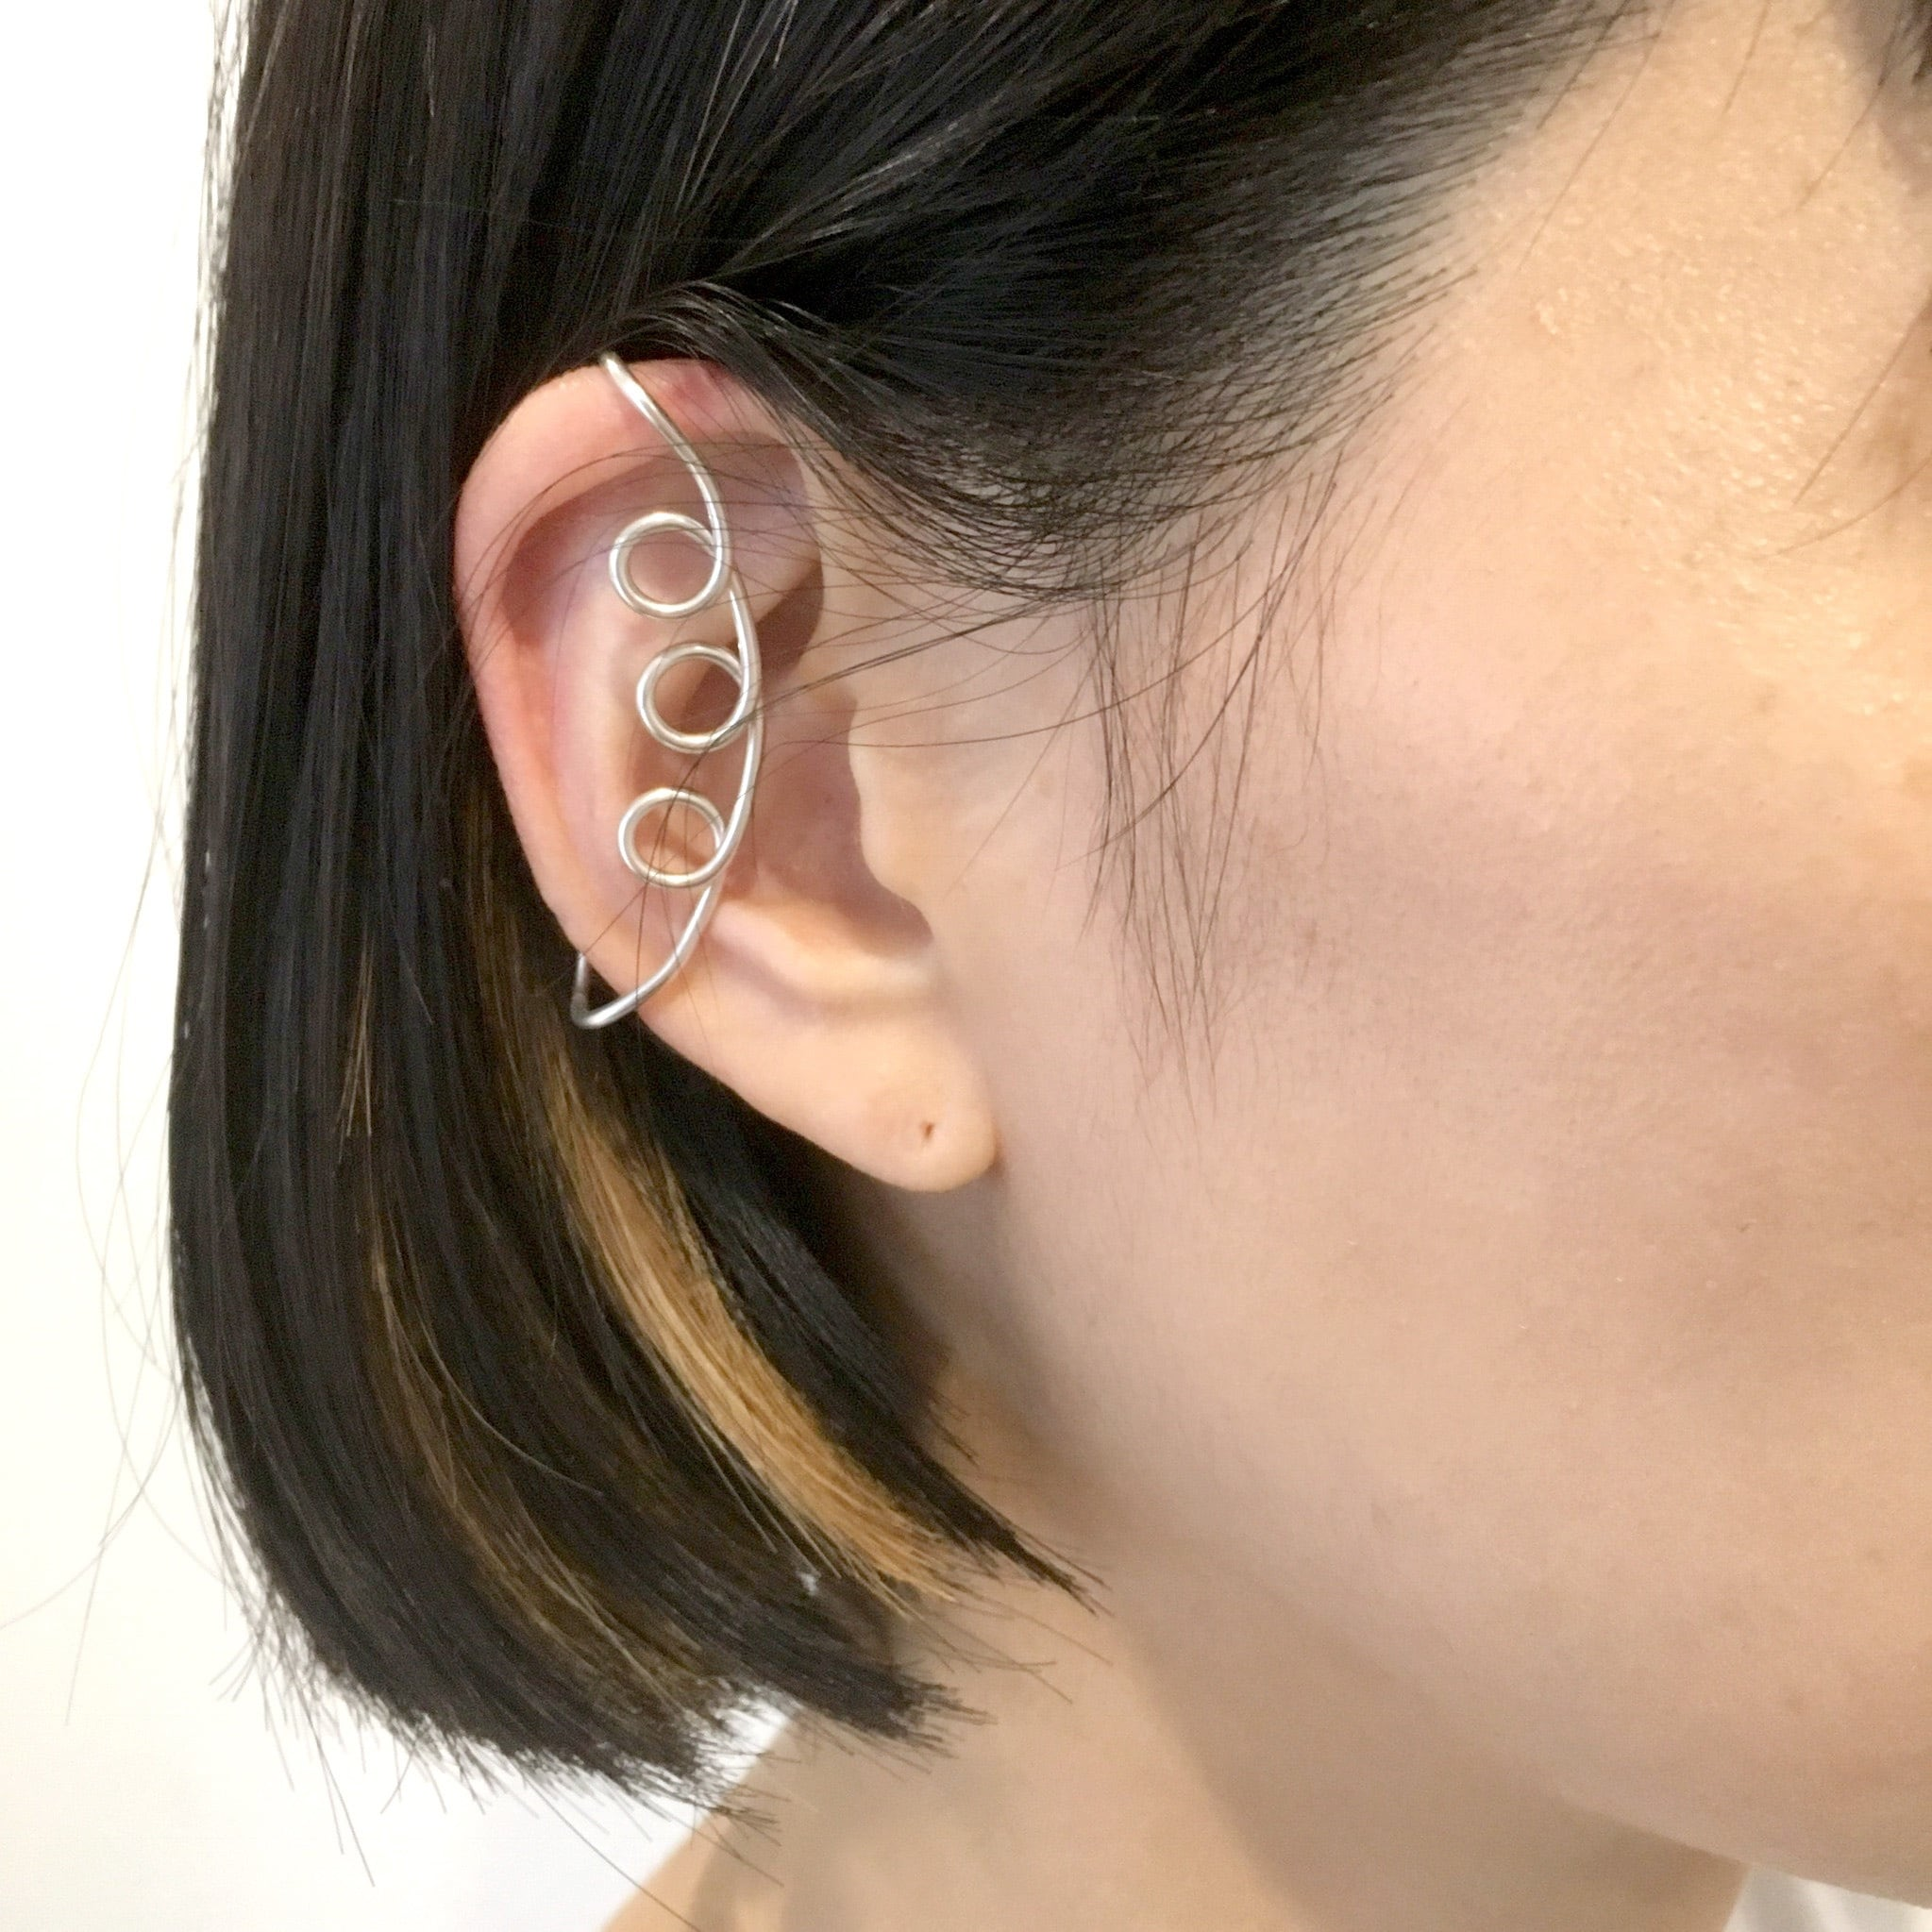 Twodots earclip